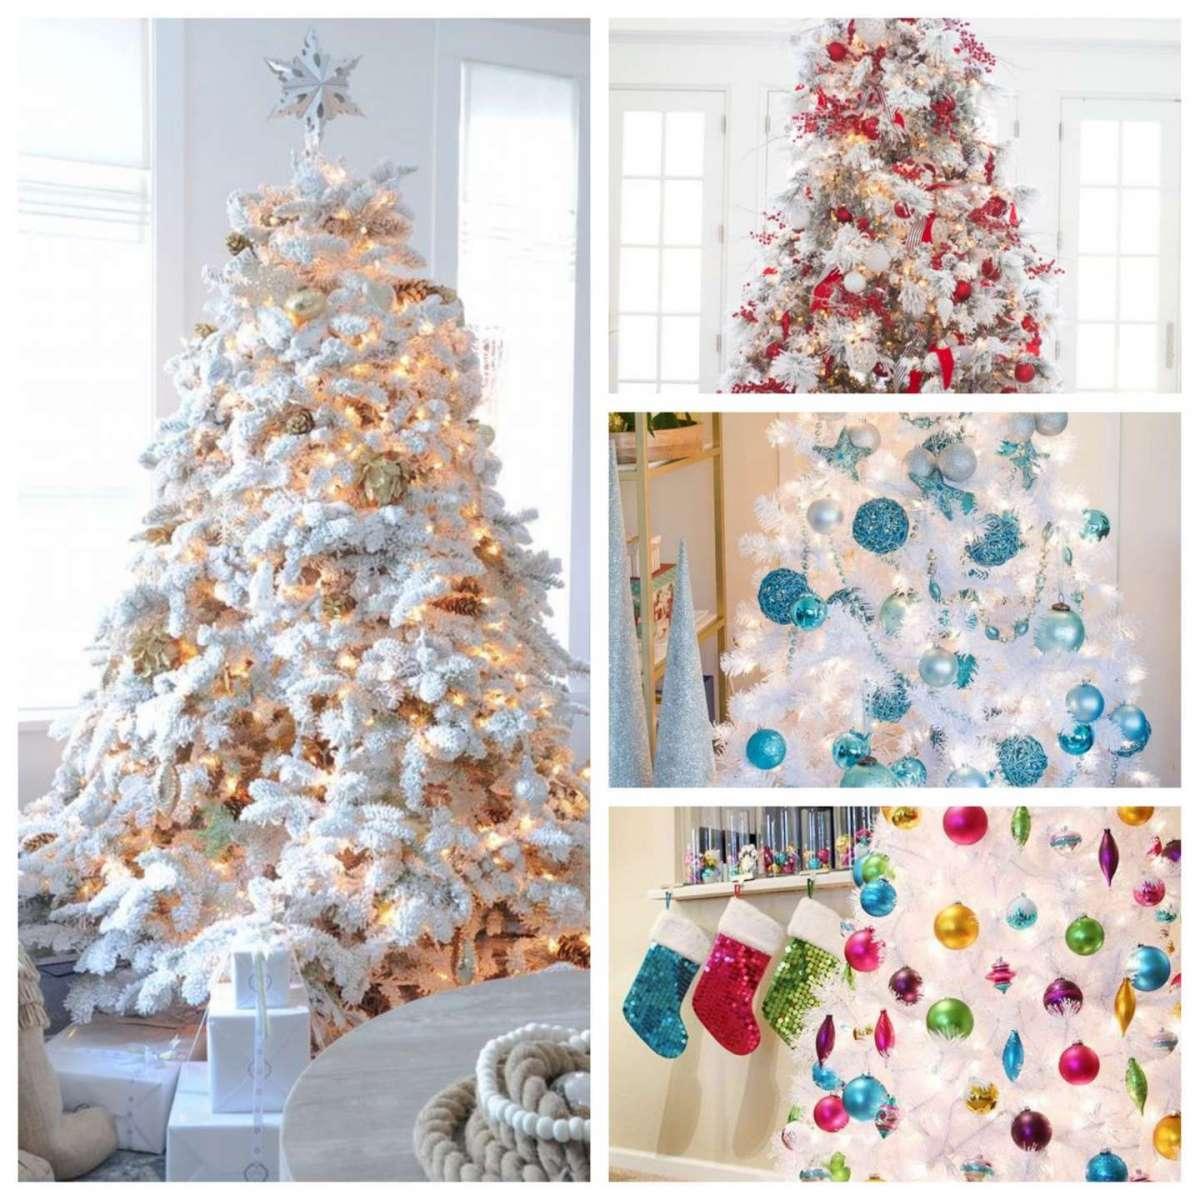 Albero di Natale bianco: gli addobbi natalizi più belli